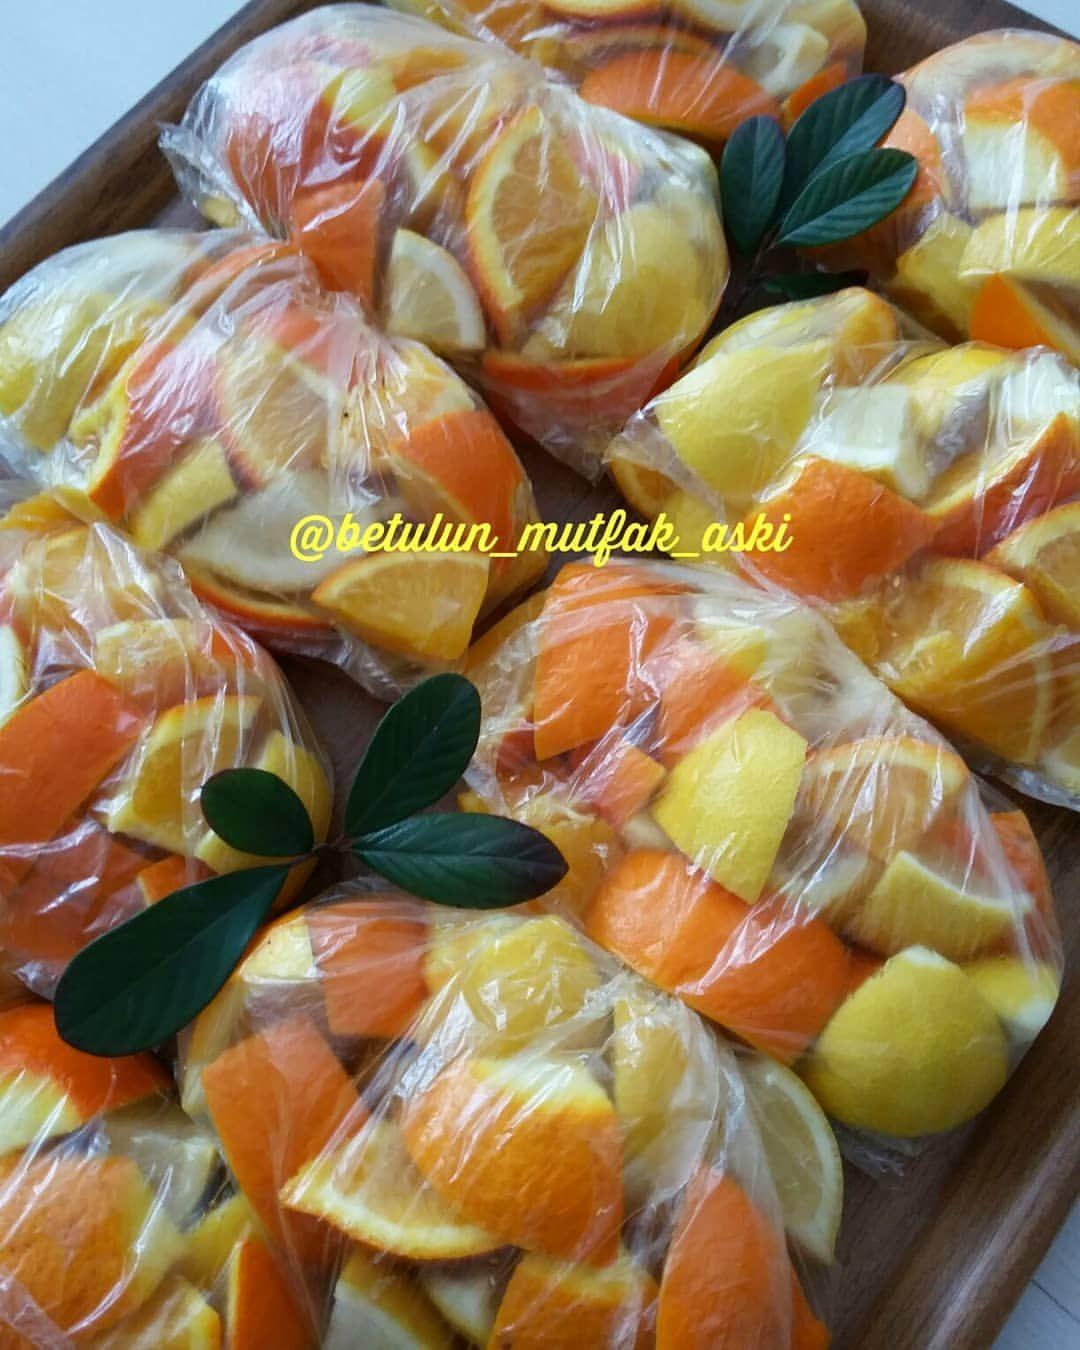 Portakal Dondurucuda Nasıl Saklanır